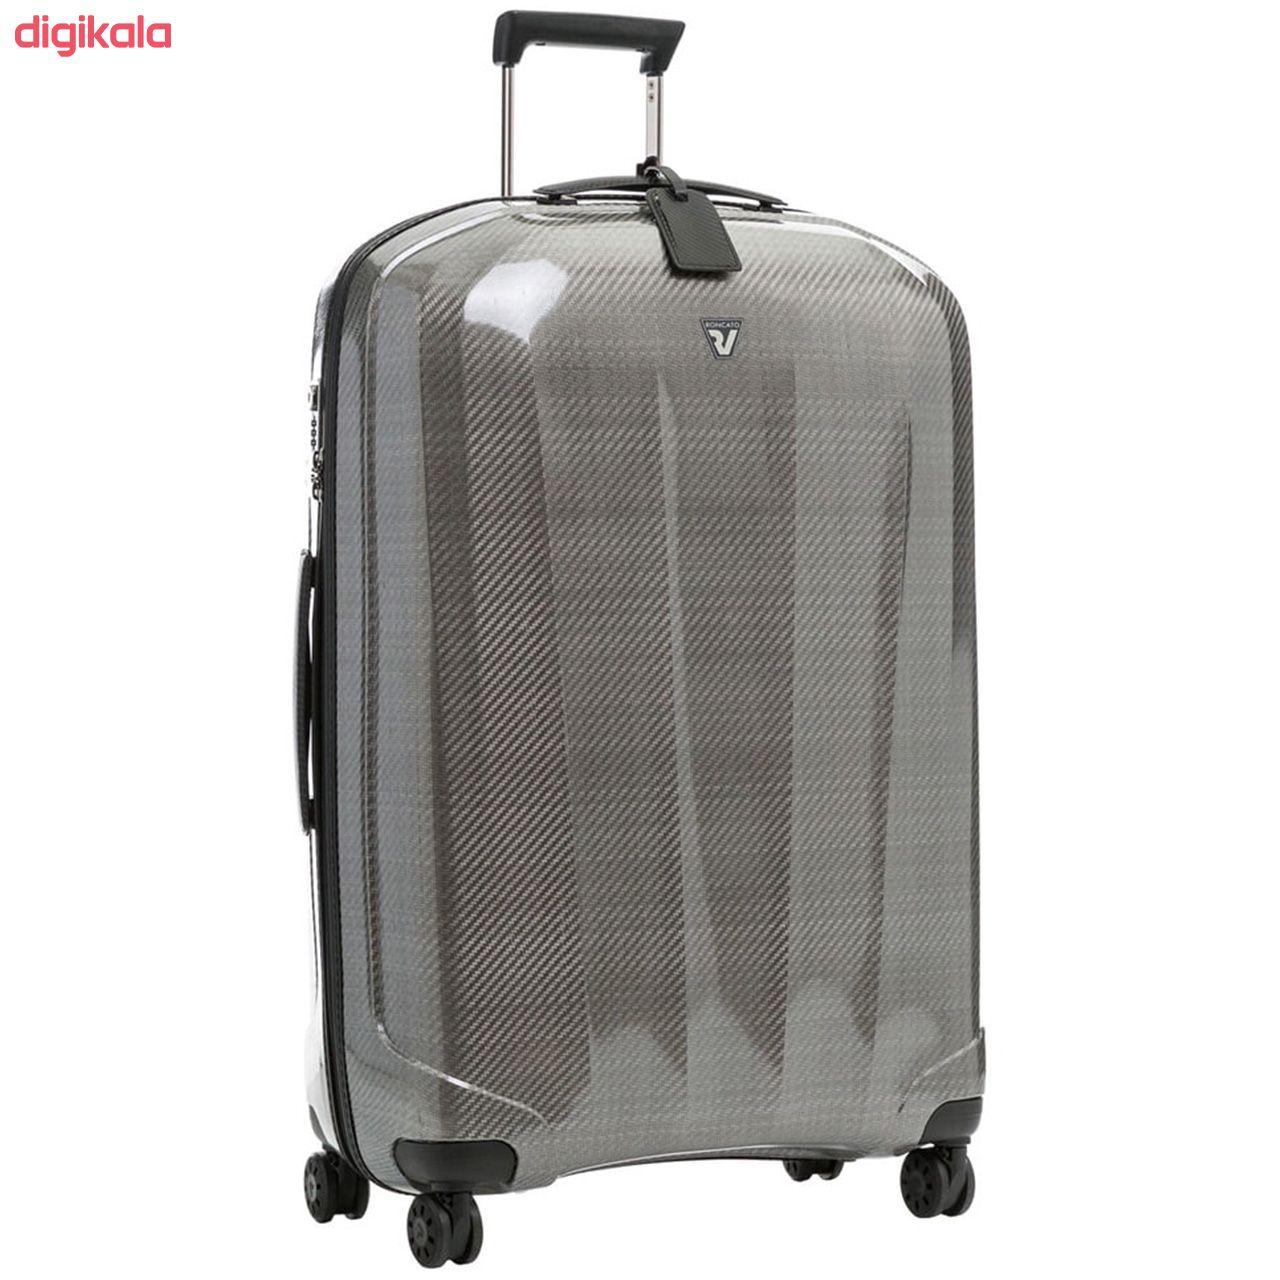 مجموعه سه عددی چمدان رونکاتو مدل 5950 main 1 4